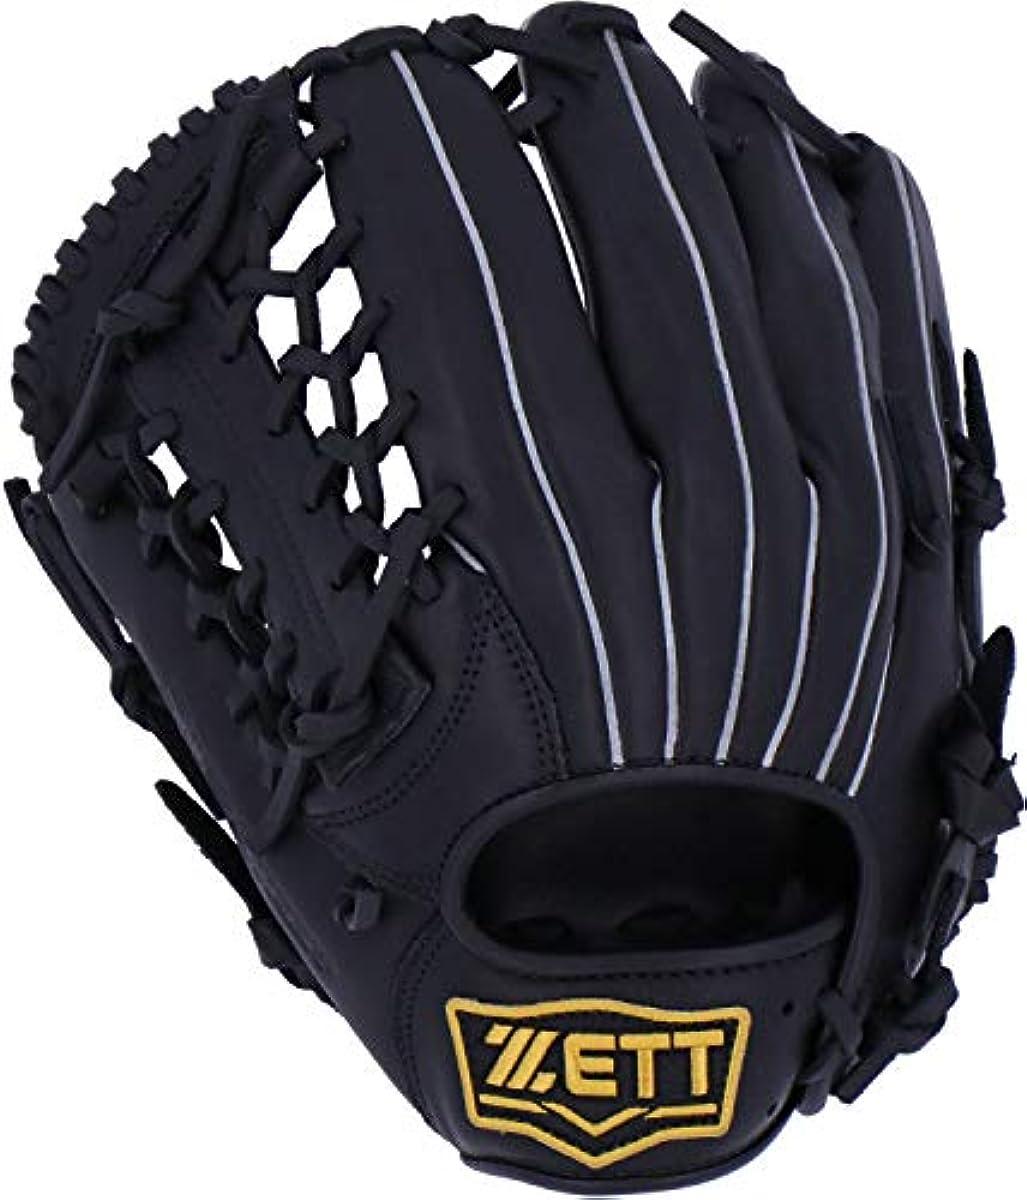 [해외] ZETT제트 연식 야구 소프트 steer 글러브 글러브 신연식 볼 대응 올라운드용 BRGB35930